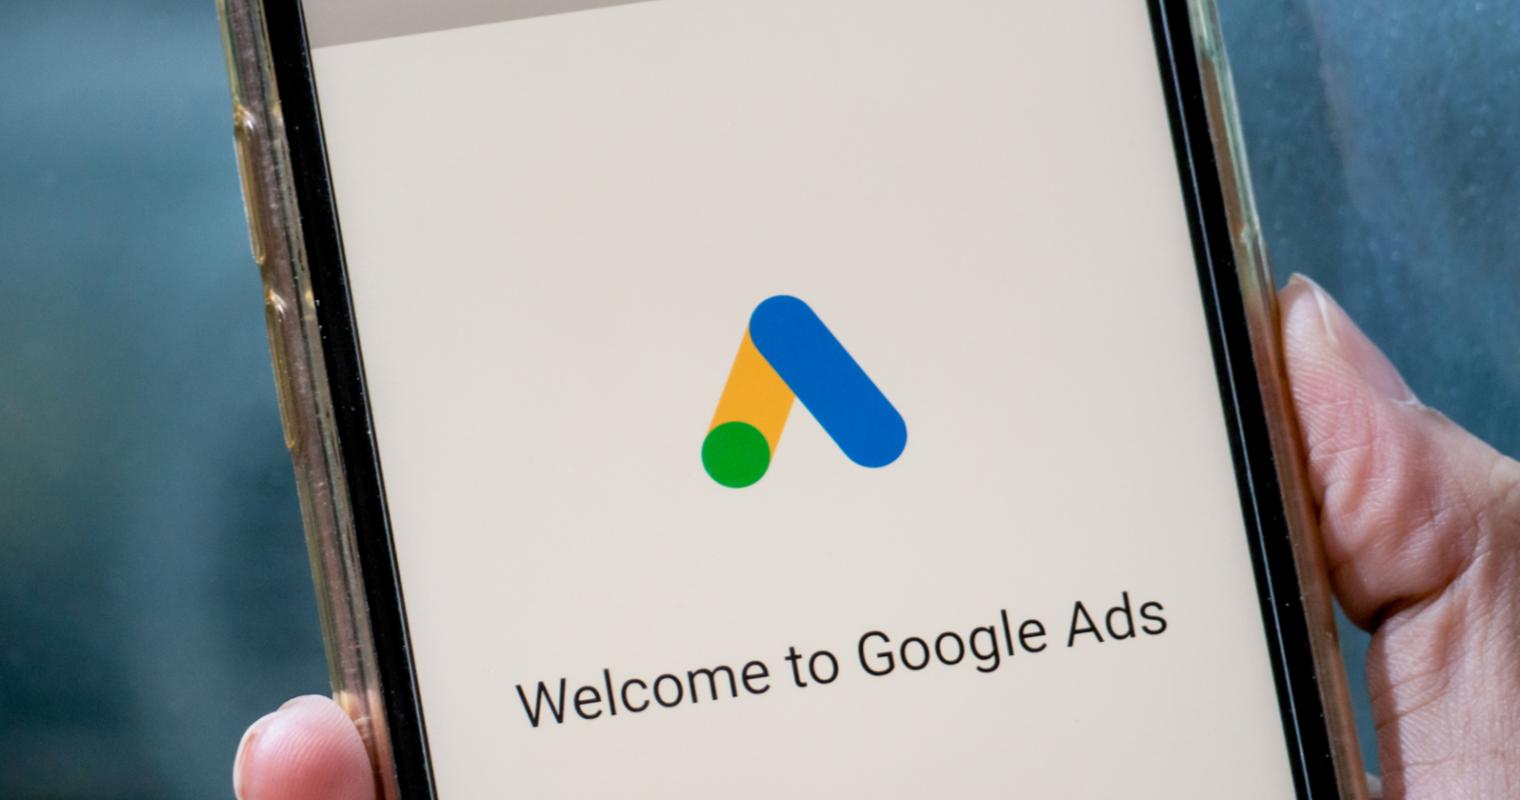 У додатку Google Ads з'явилися нові повідомлення про ефективність реклами